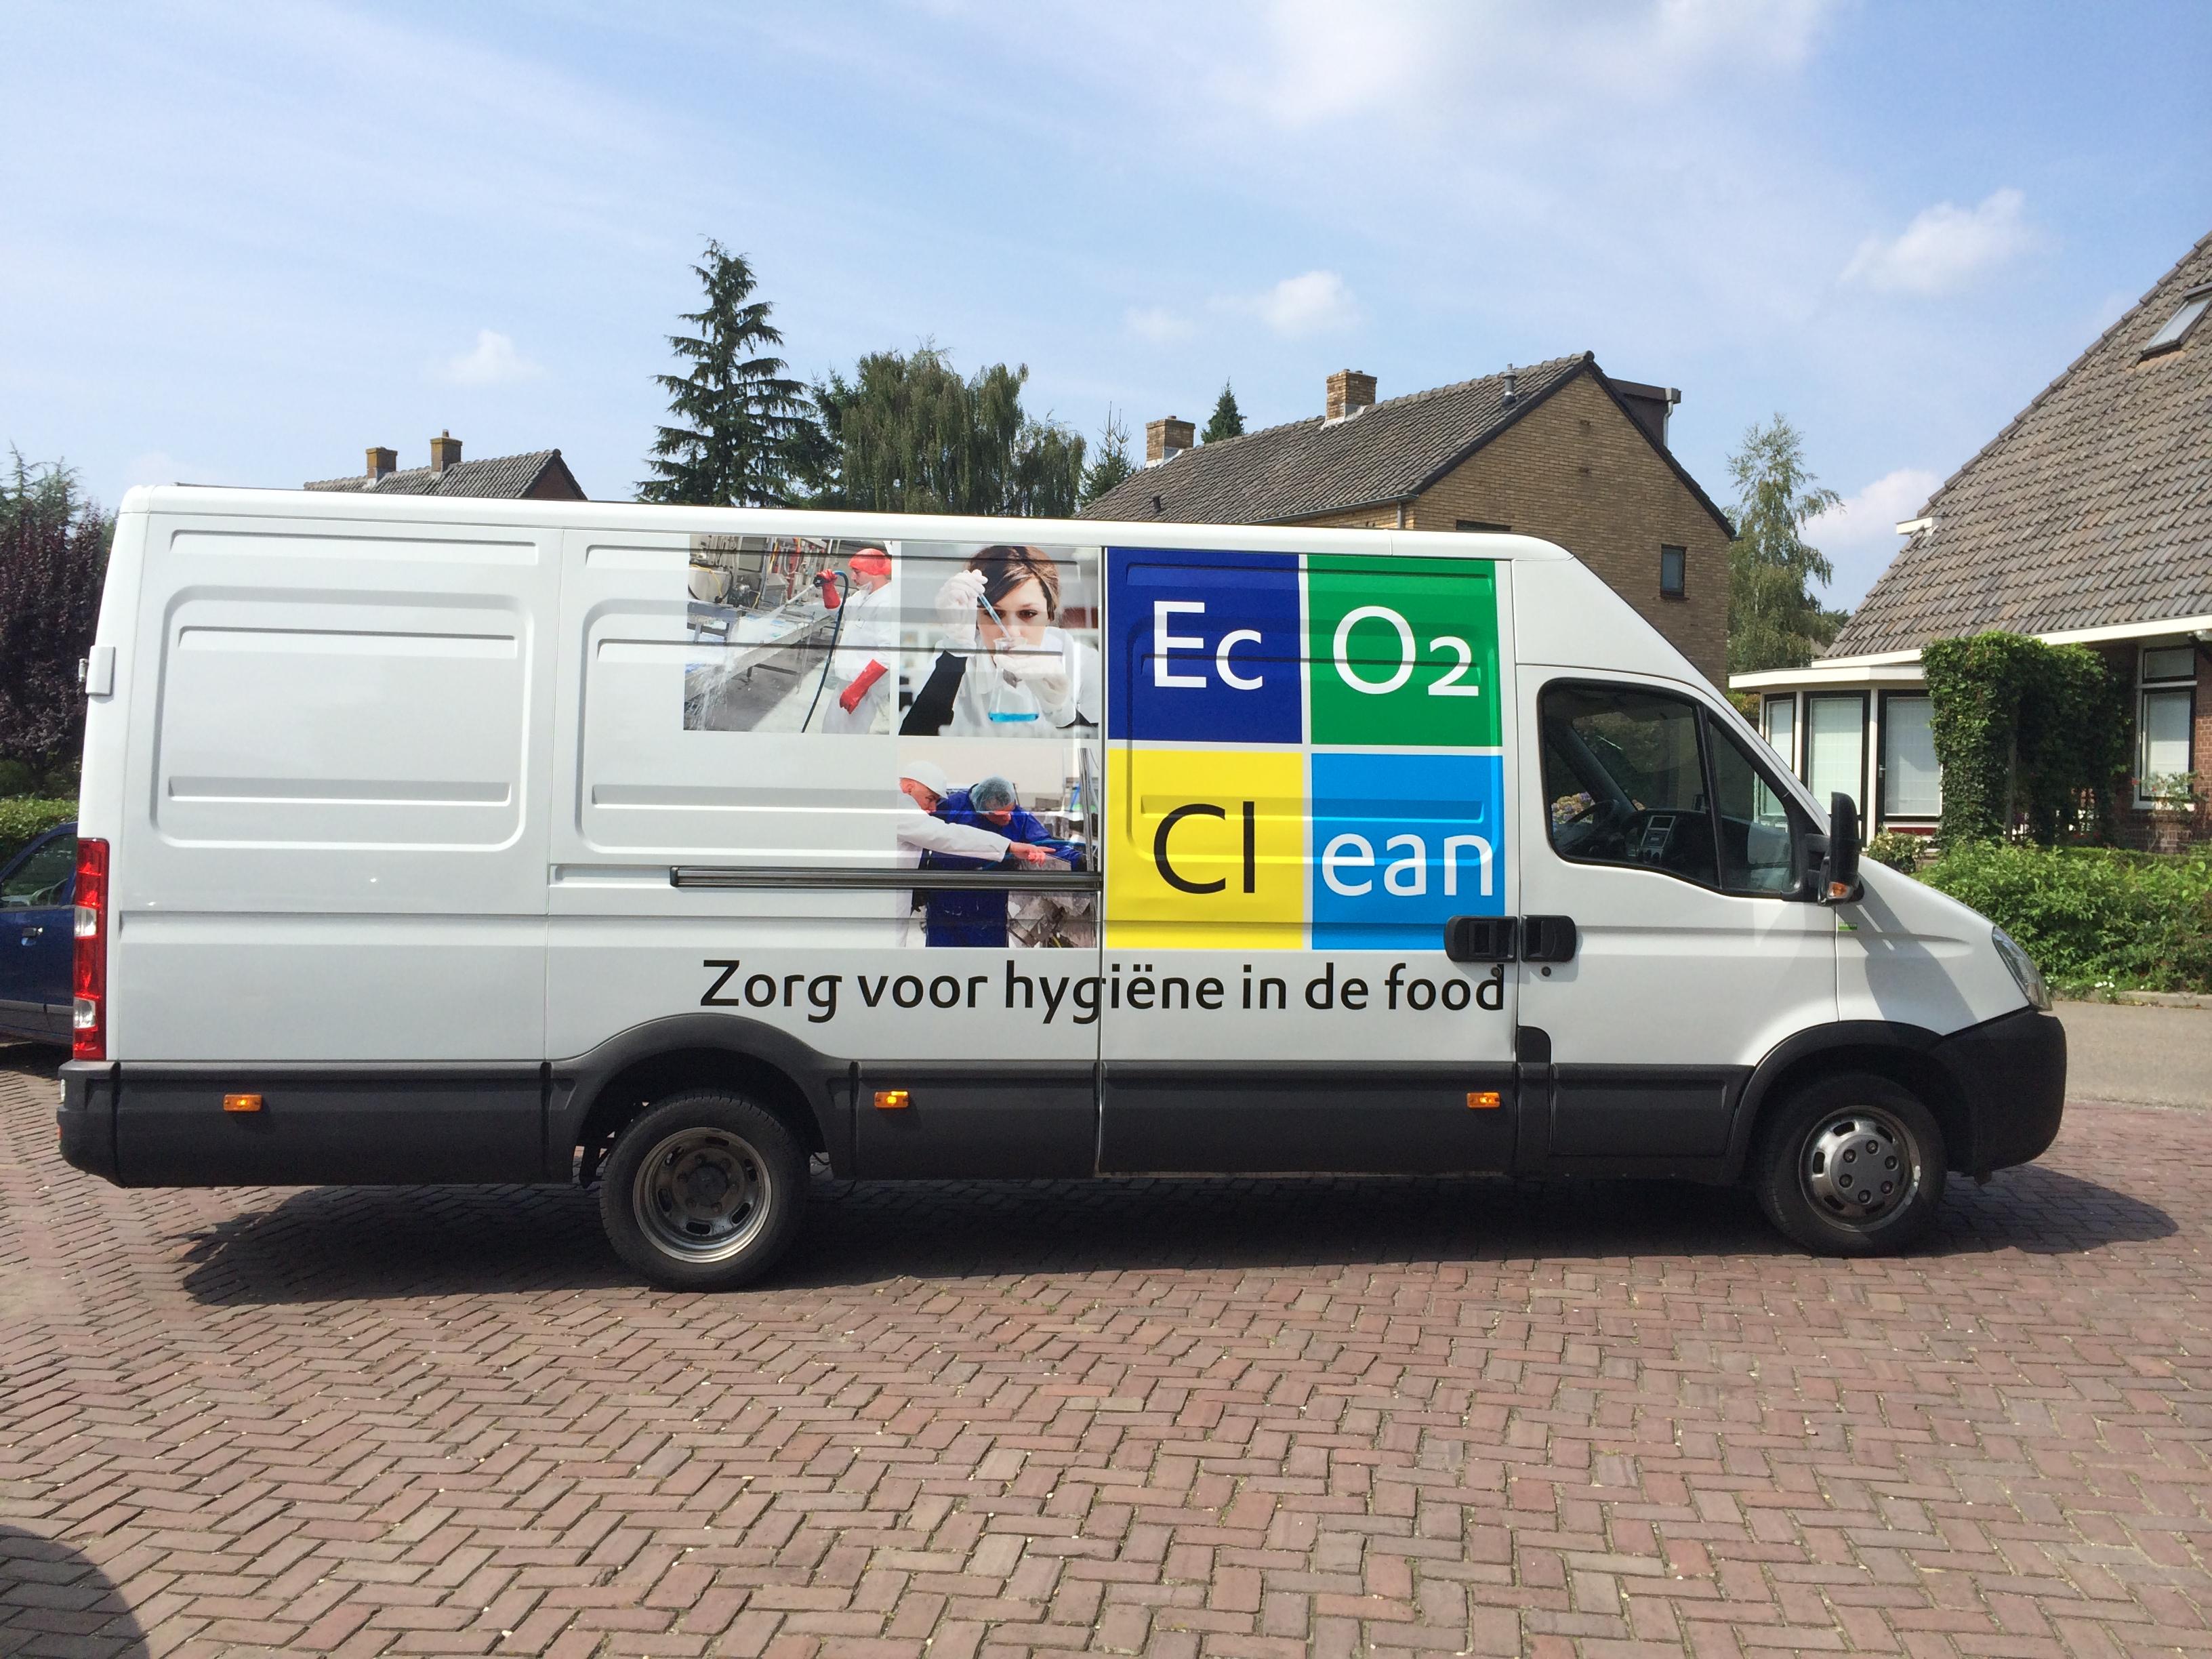 Autobelettering  Eco2clean